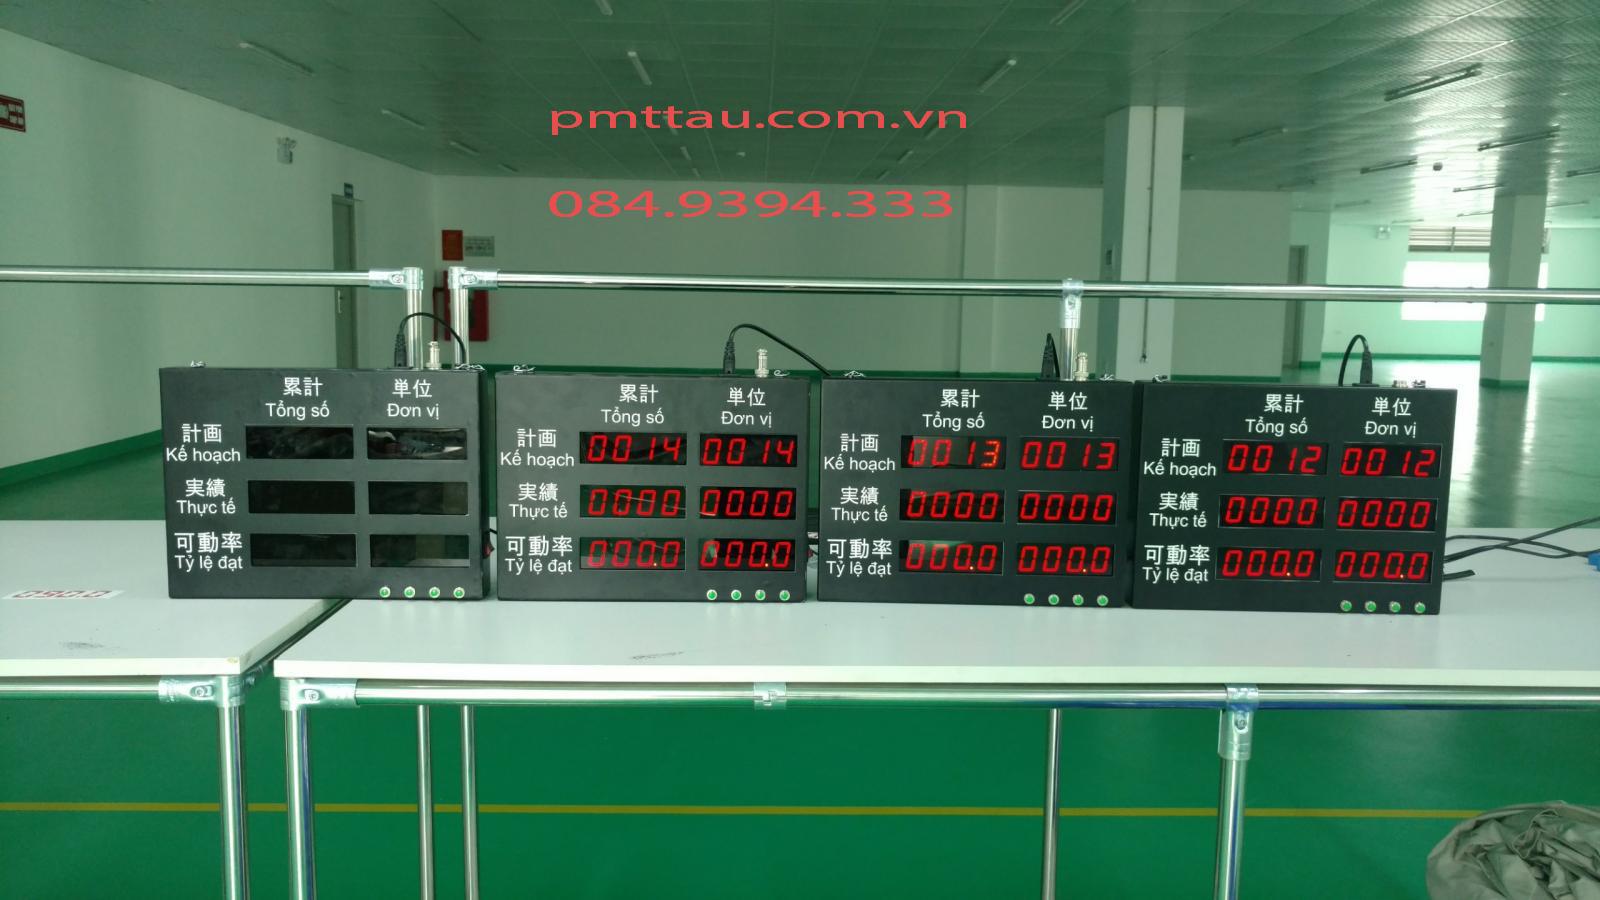 Bảng điện tử theo dõi kế hoạch sản xuất